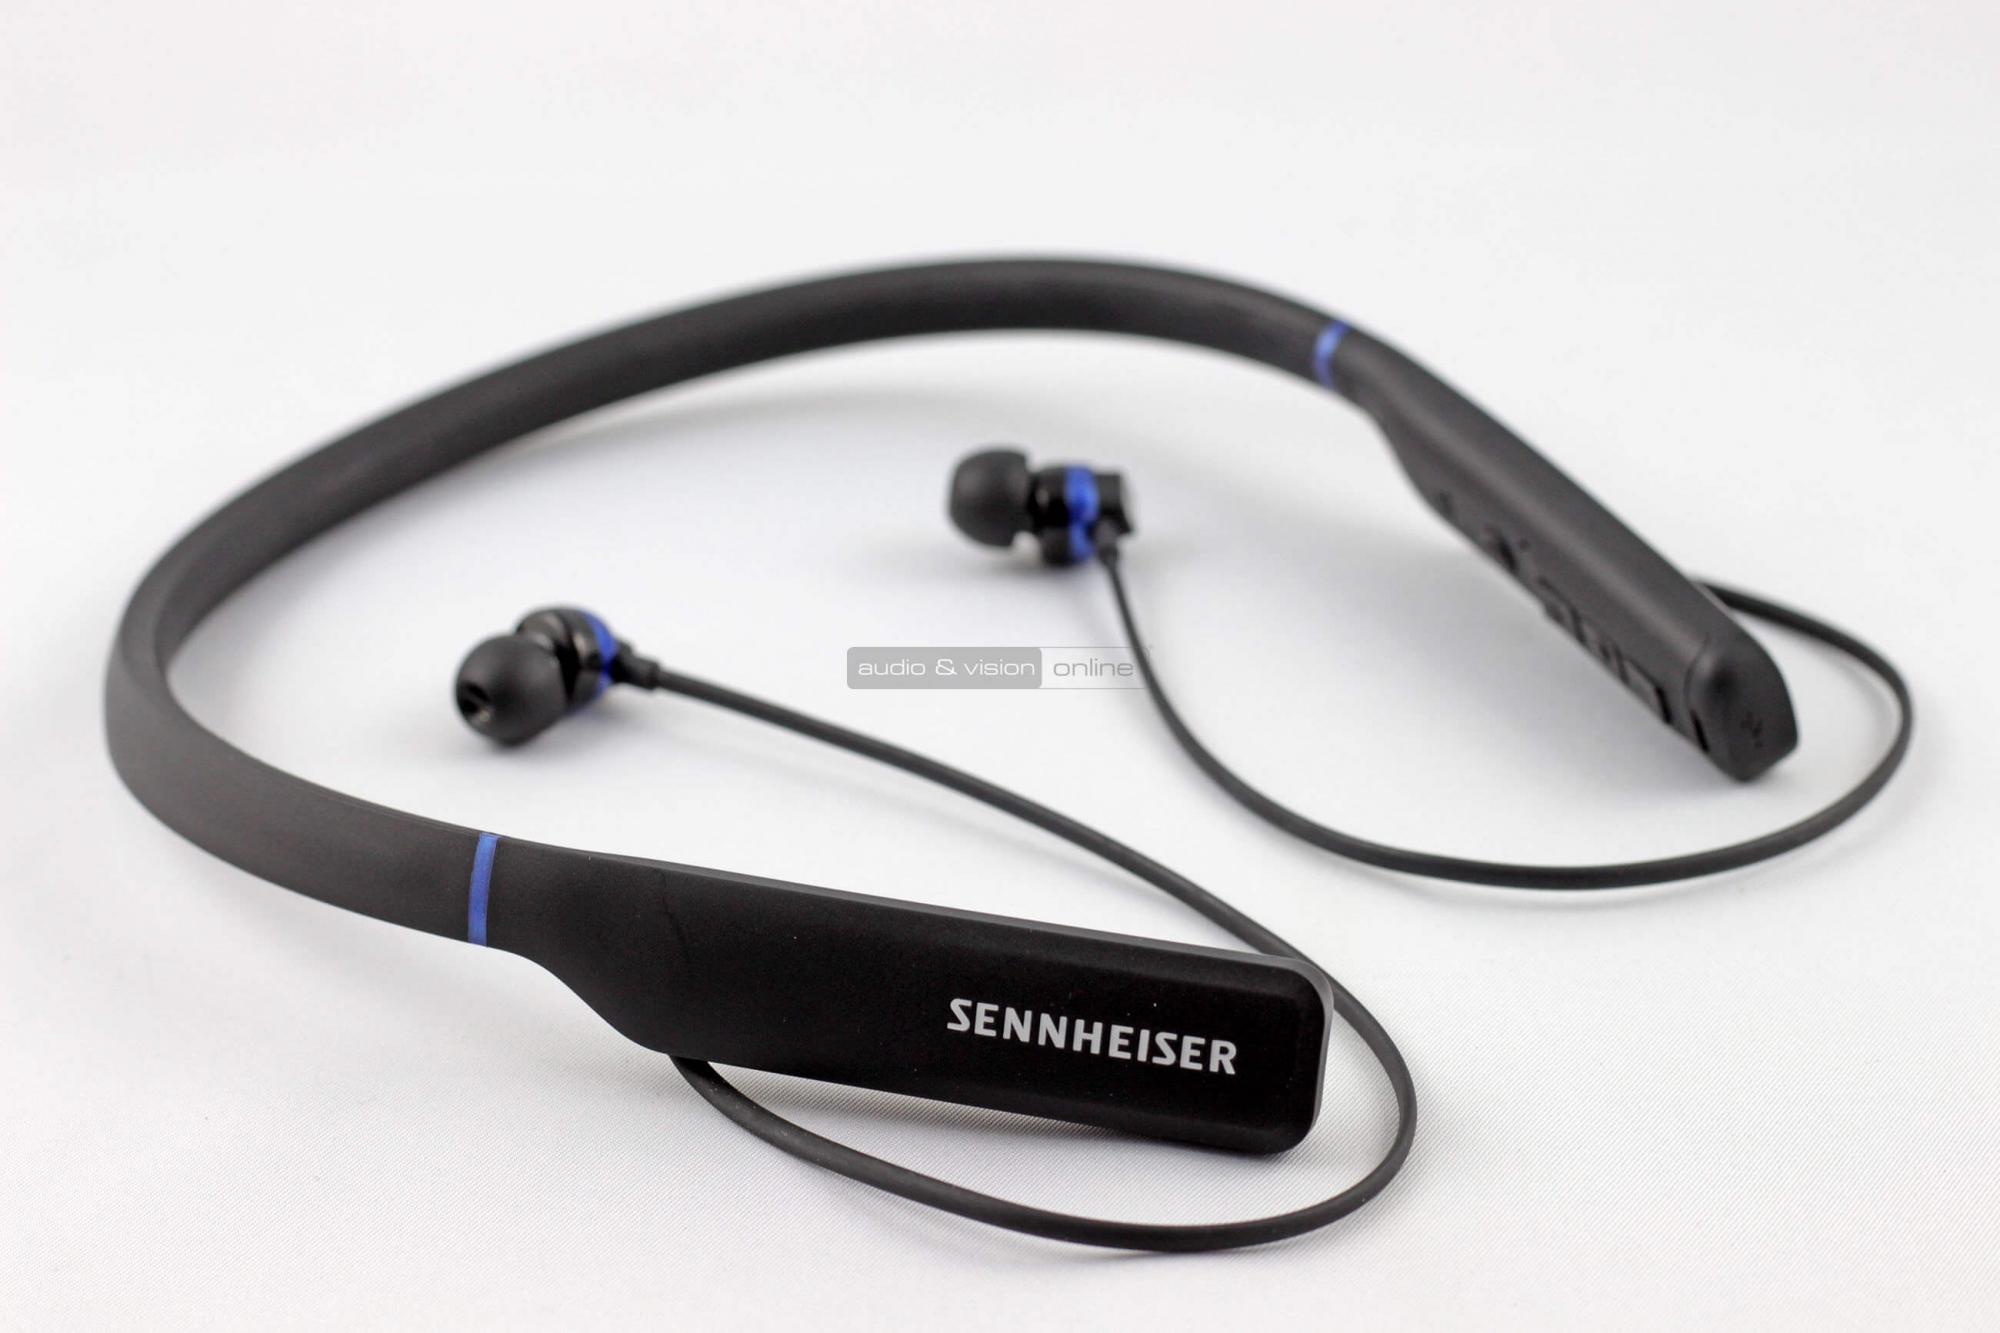 Sennheiser CX 7.00 BT Bluetooth fülhallgató teszt  349419a9cf